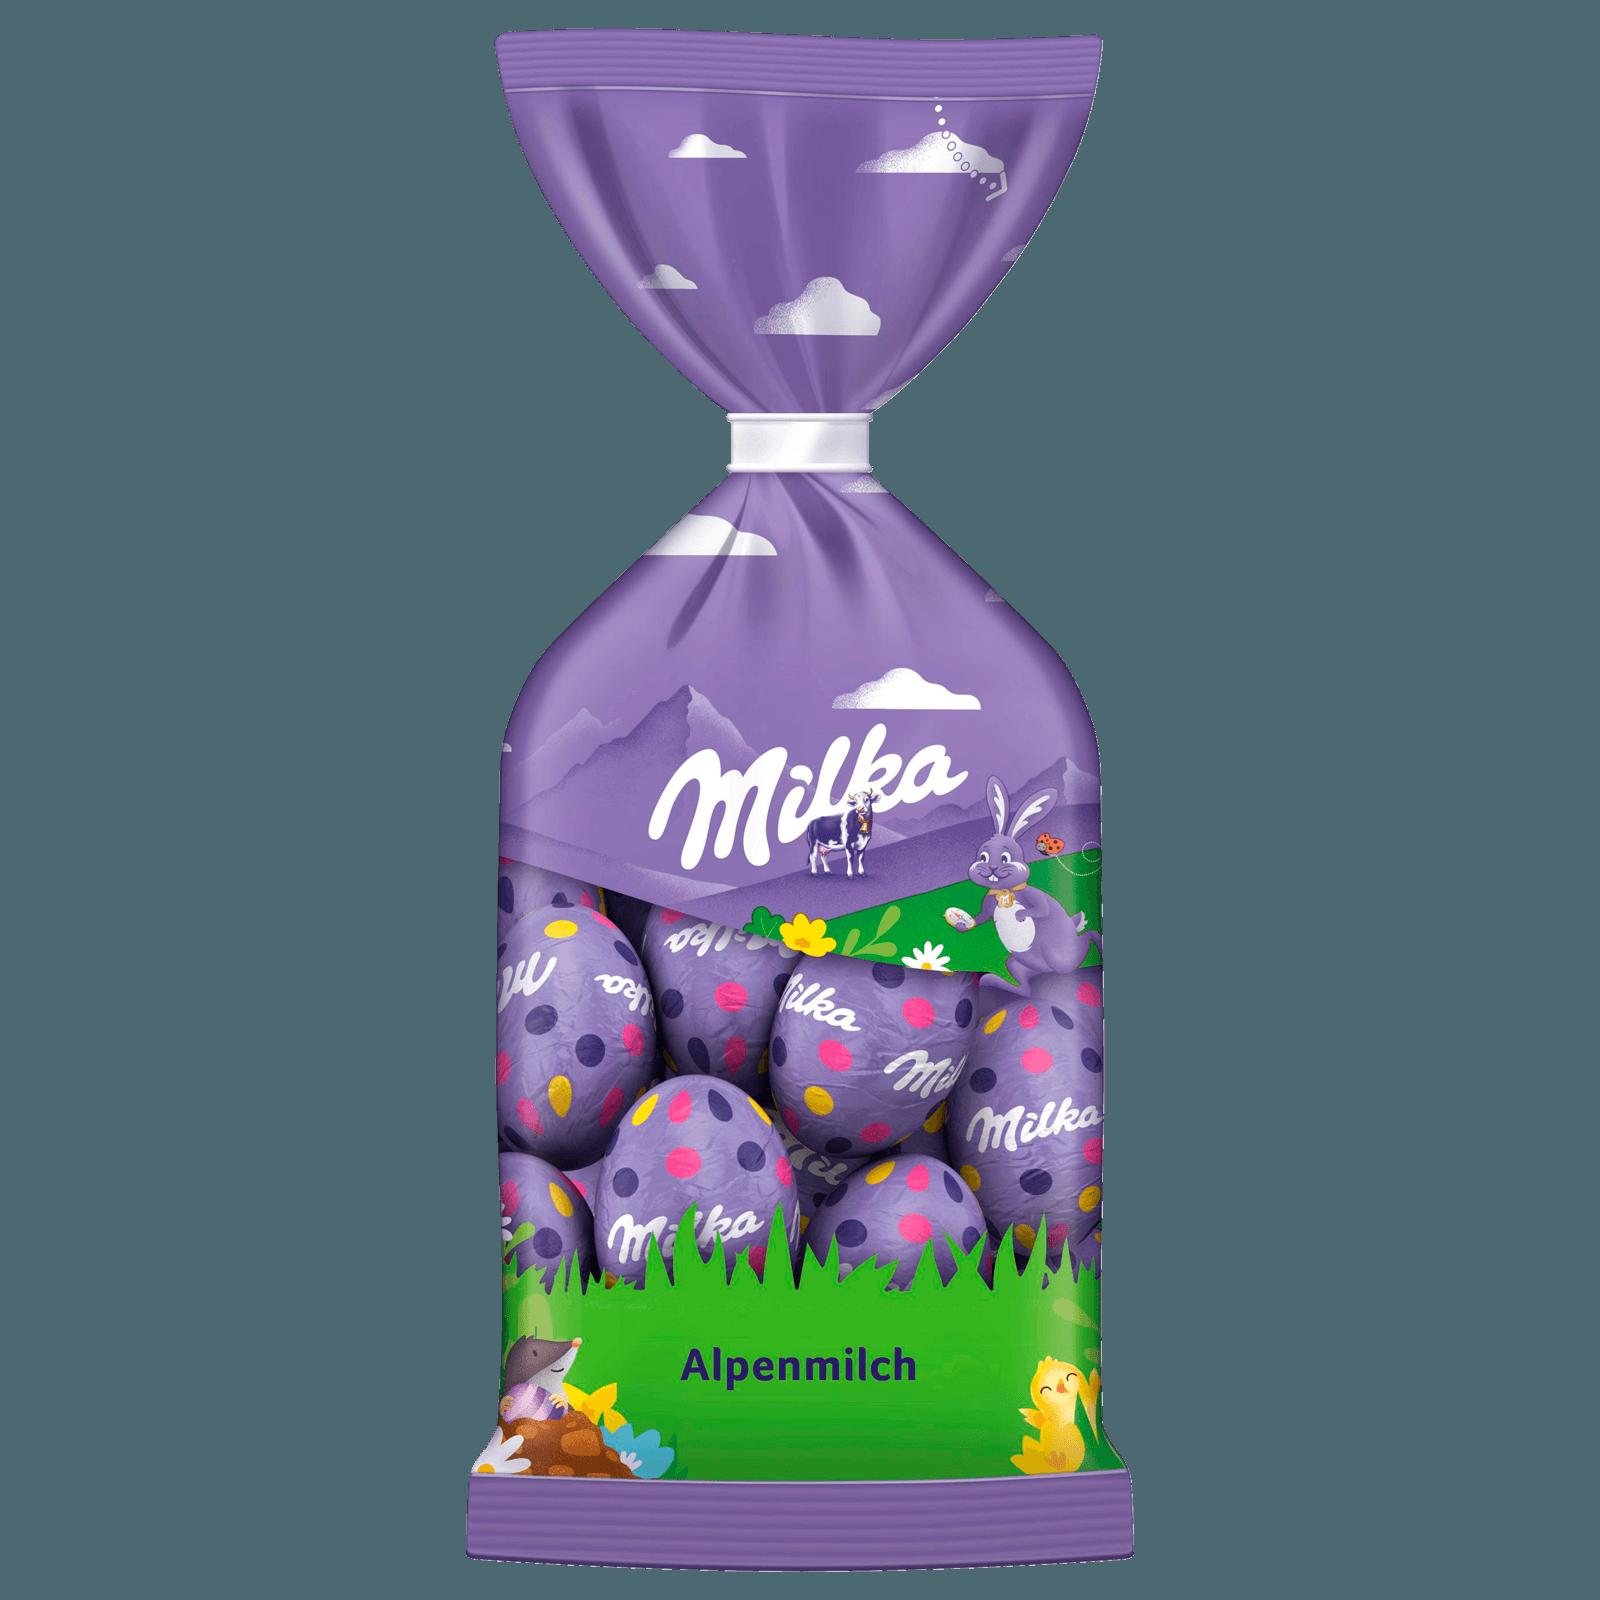 Milka Schoko-Ei Alpenmilch 100g